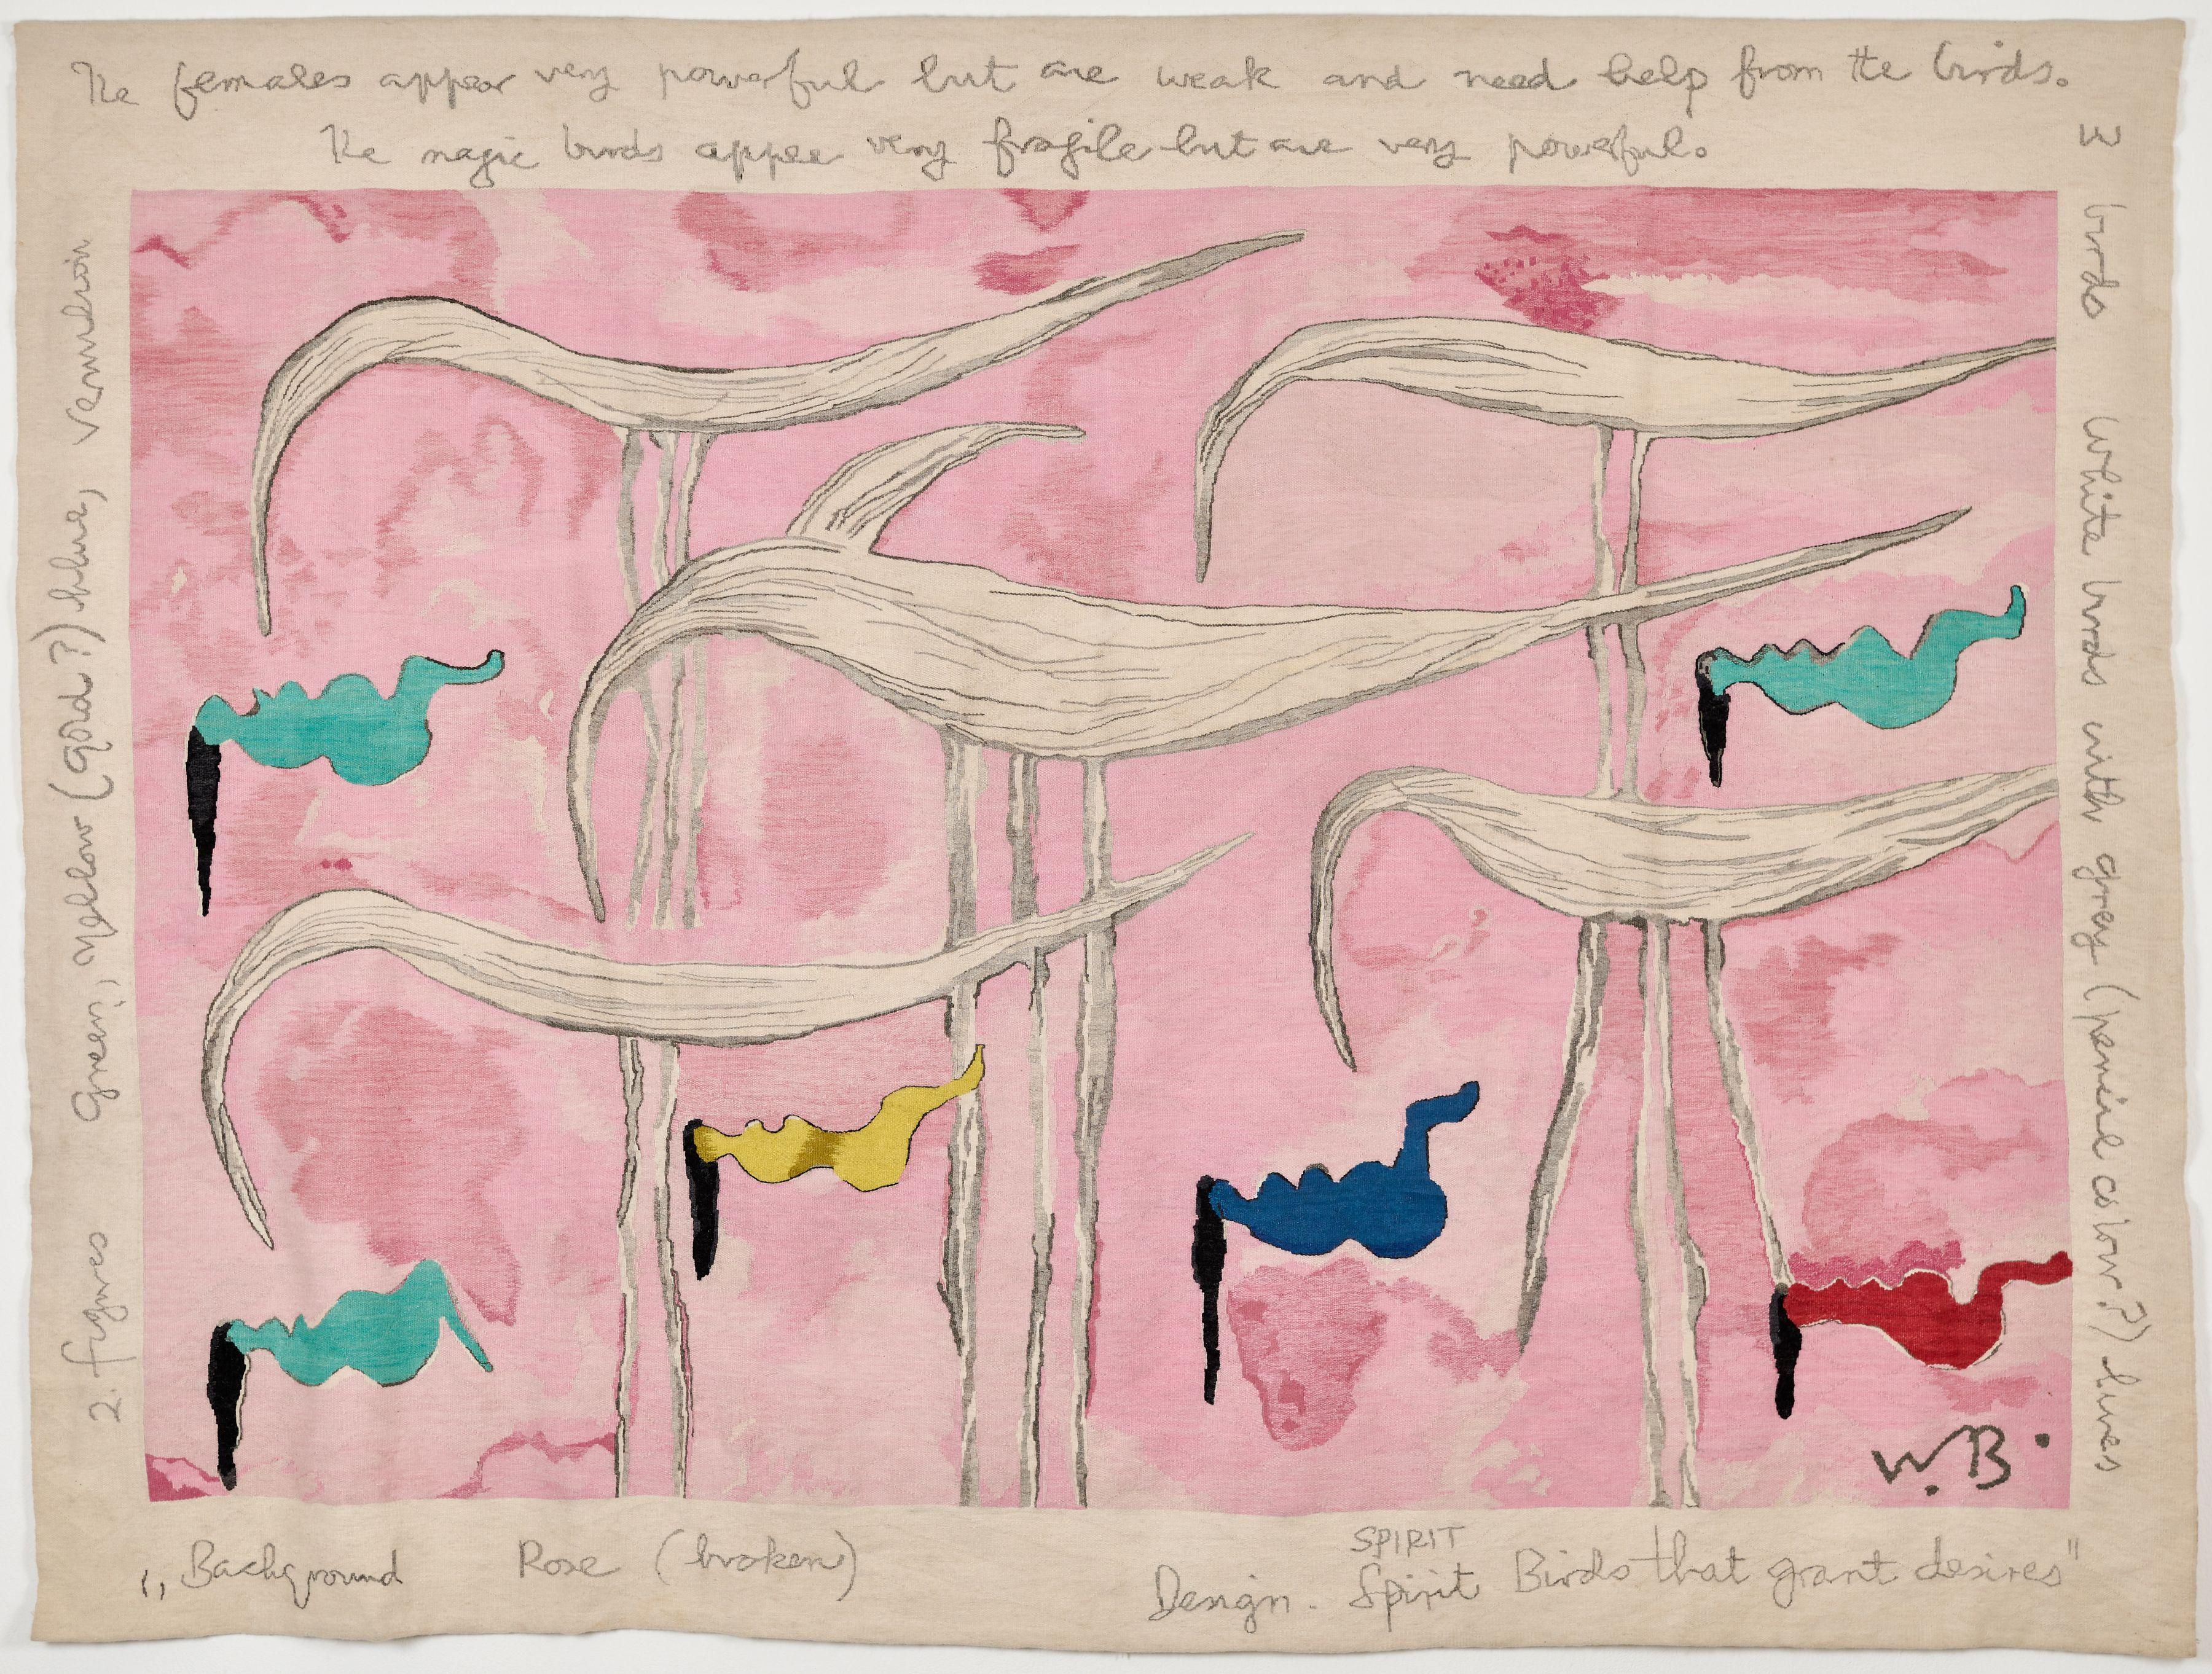 Battiss tapestry